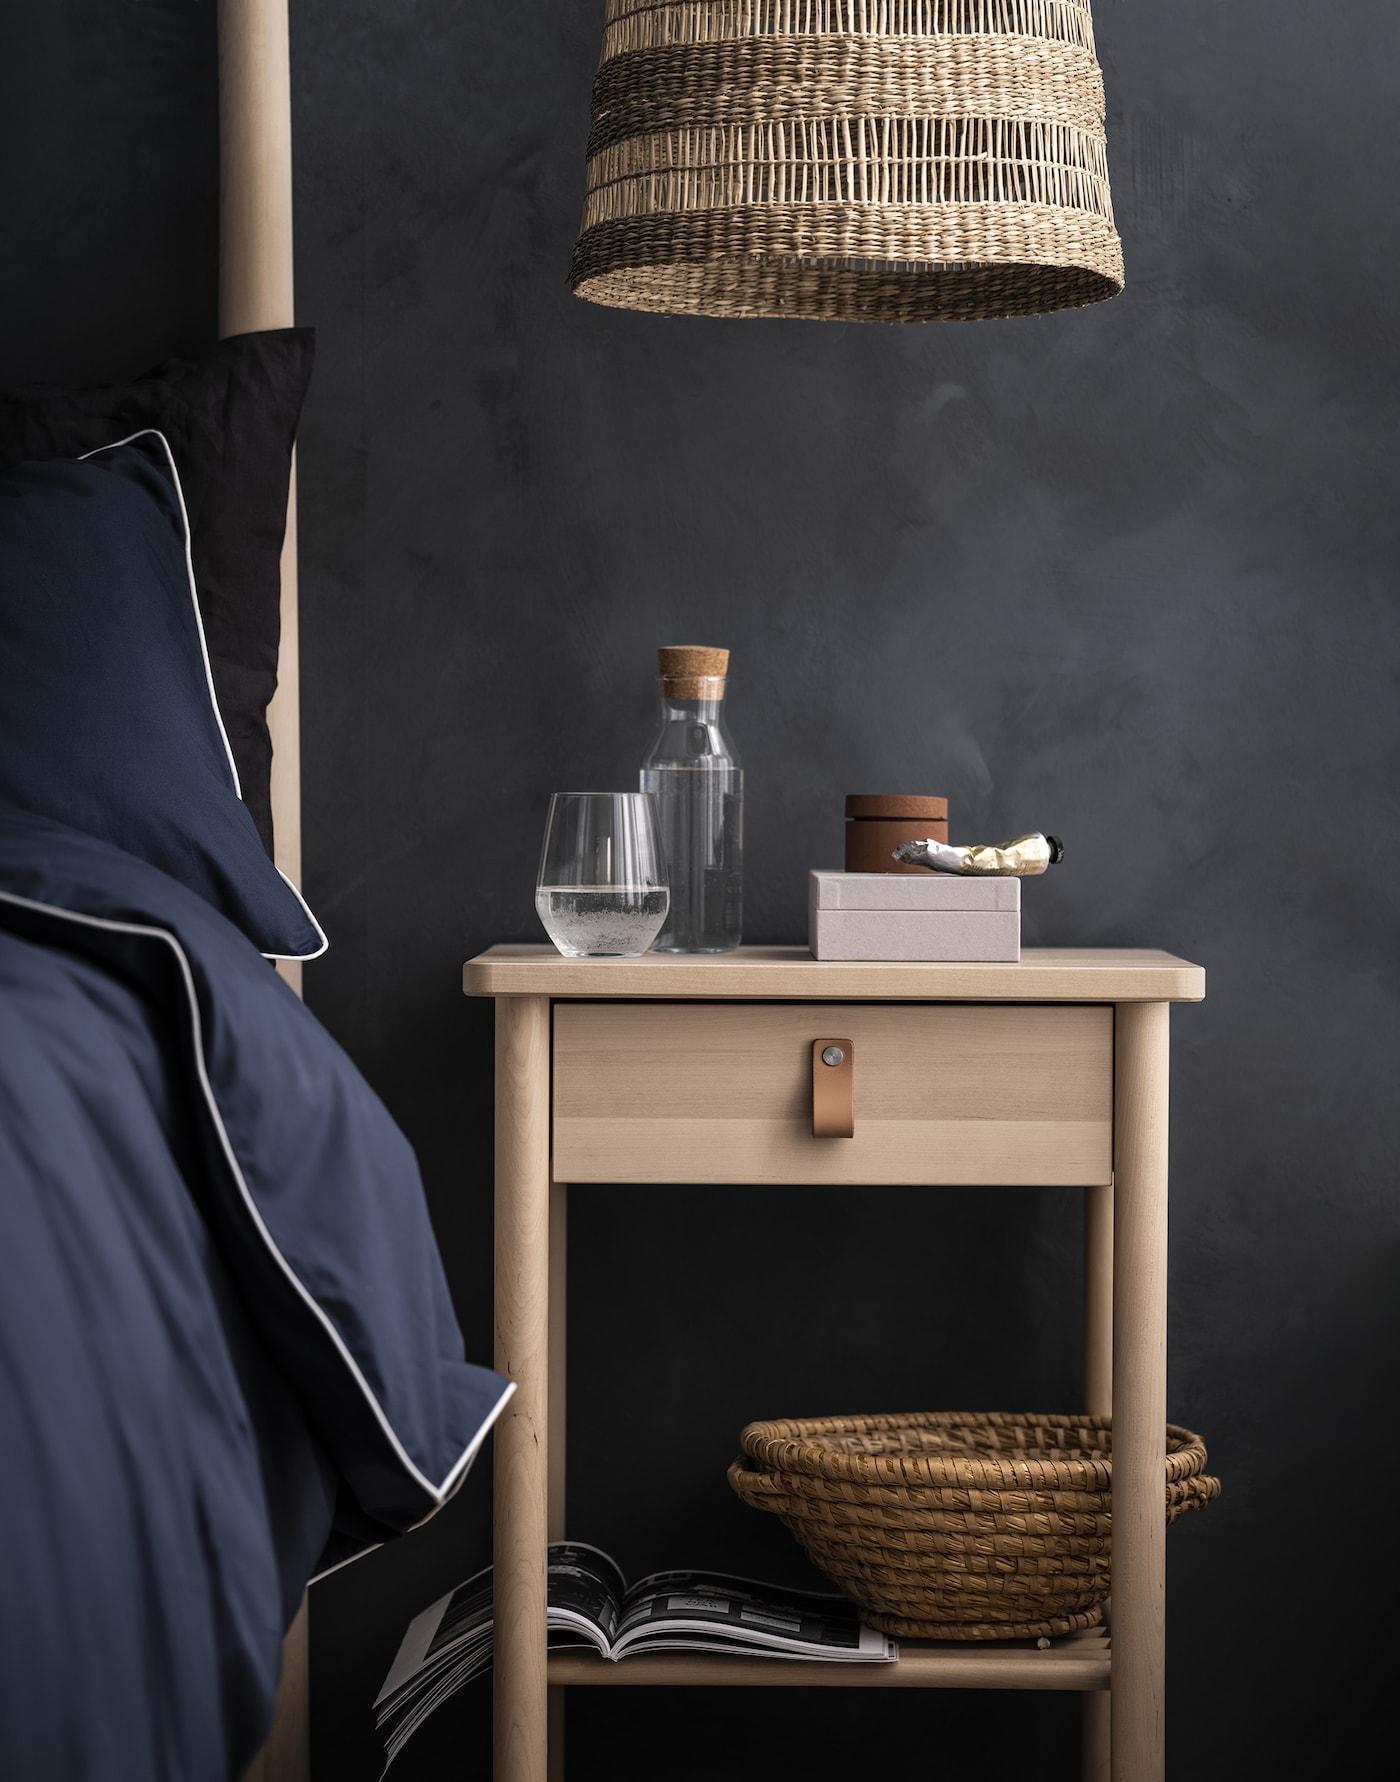 Tummaa seinää vasten puinen yöpöytä, vieressä sänky ja yläpuolella riippuva valaisin.